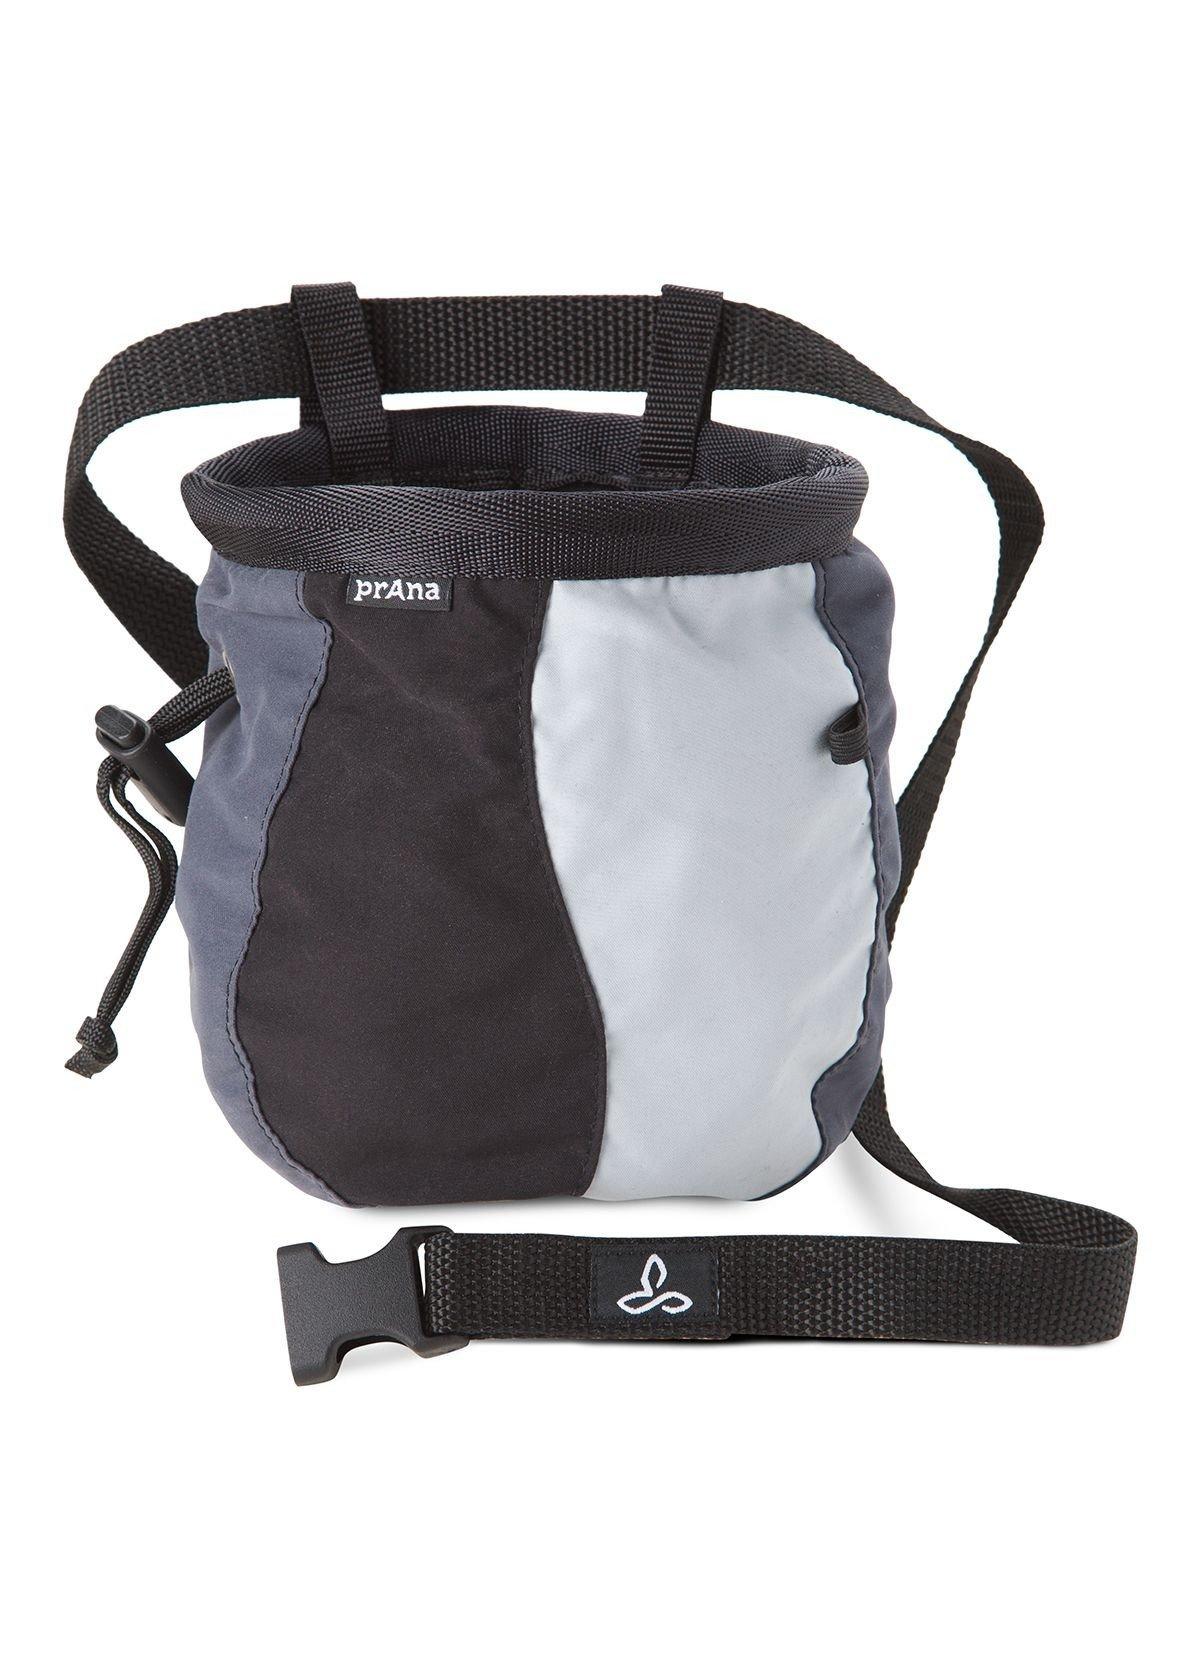 PrAna Chalk Bag W/belt JRI1PGCBWB